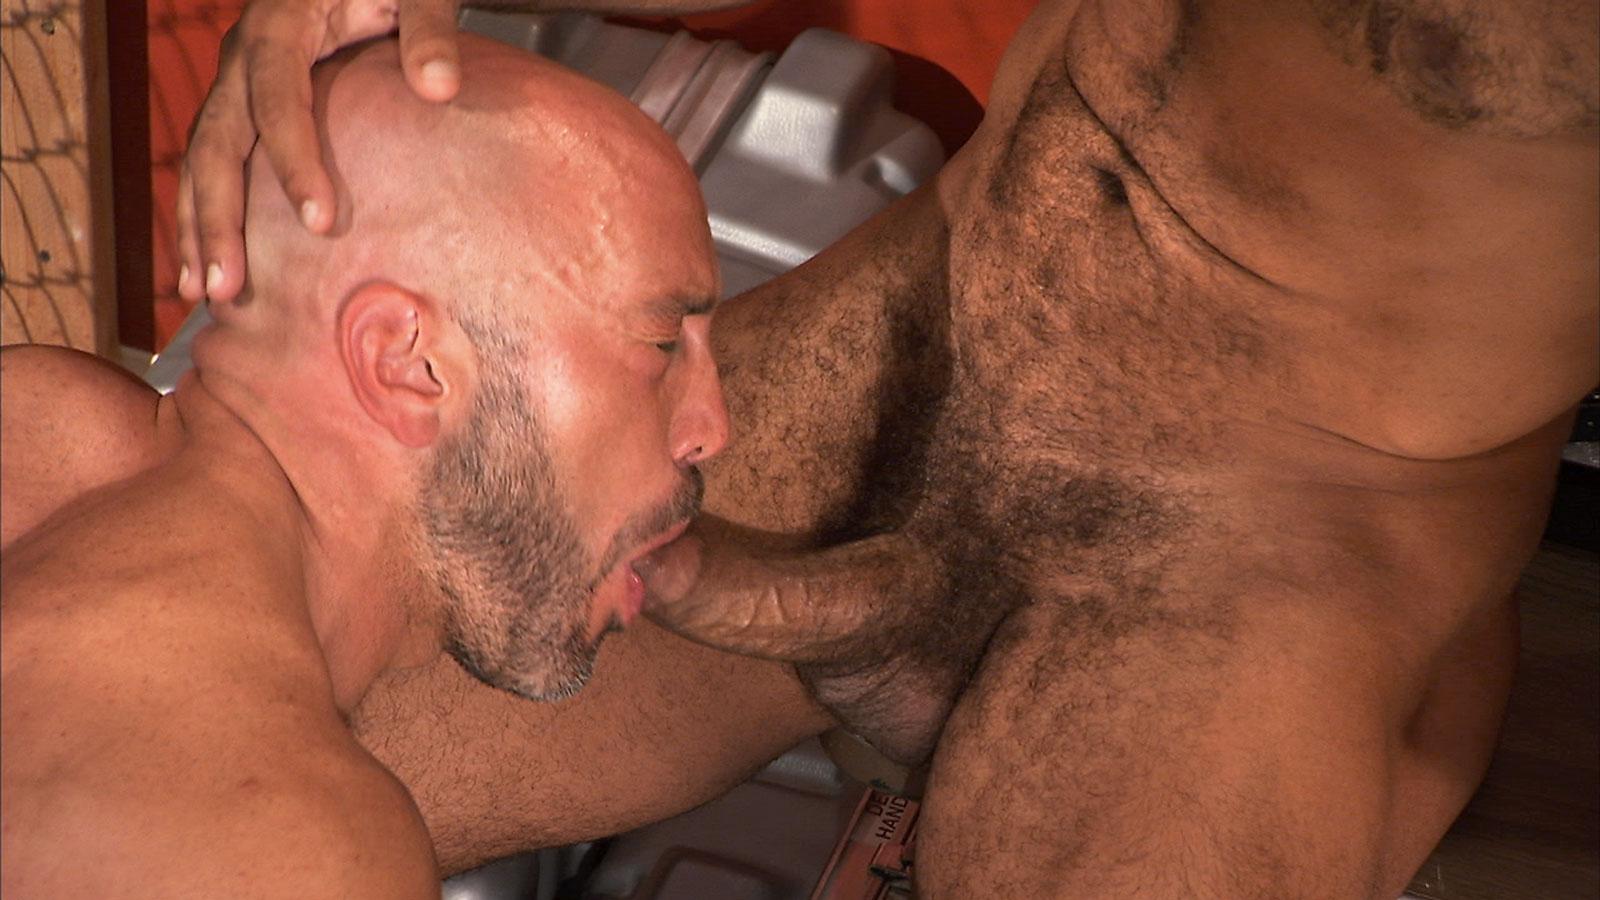 3 scene gay porn